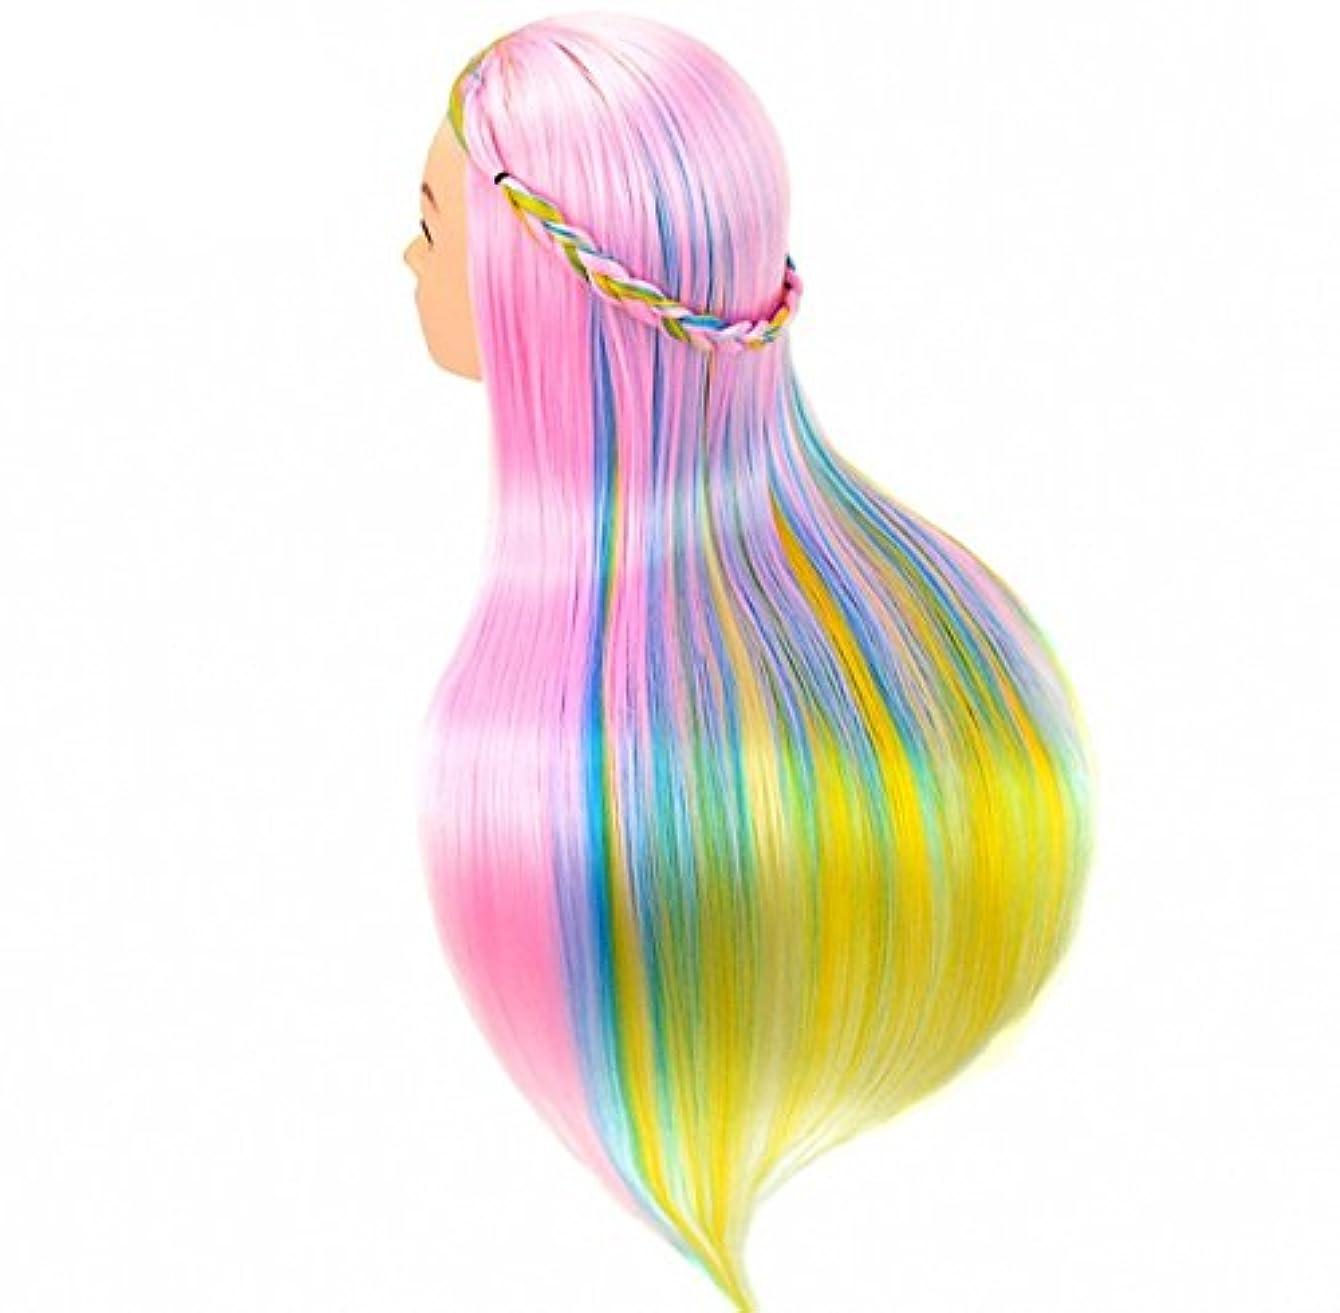 パッケージありがたい幻影[Perfehair] 人工毛100%のサロン練習用マネキンヘッド(24インチ)–レインボーカラー-